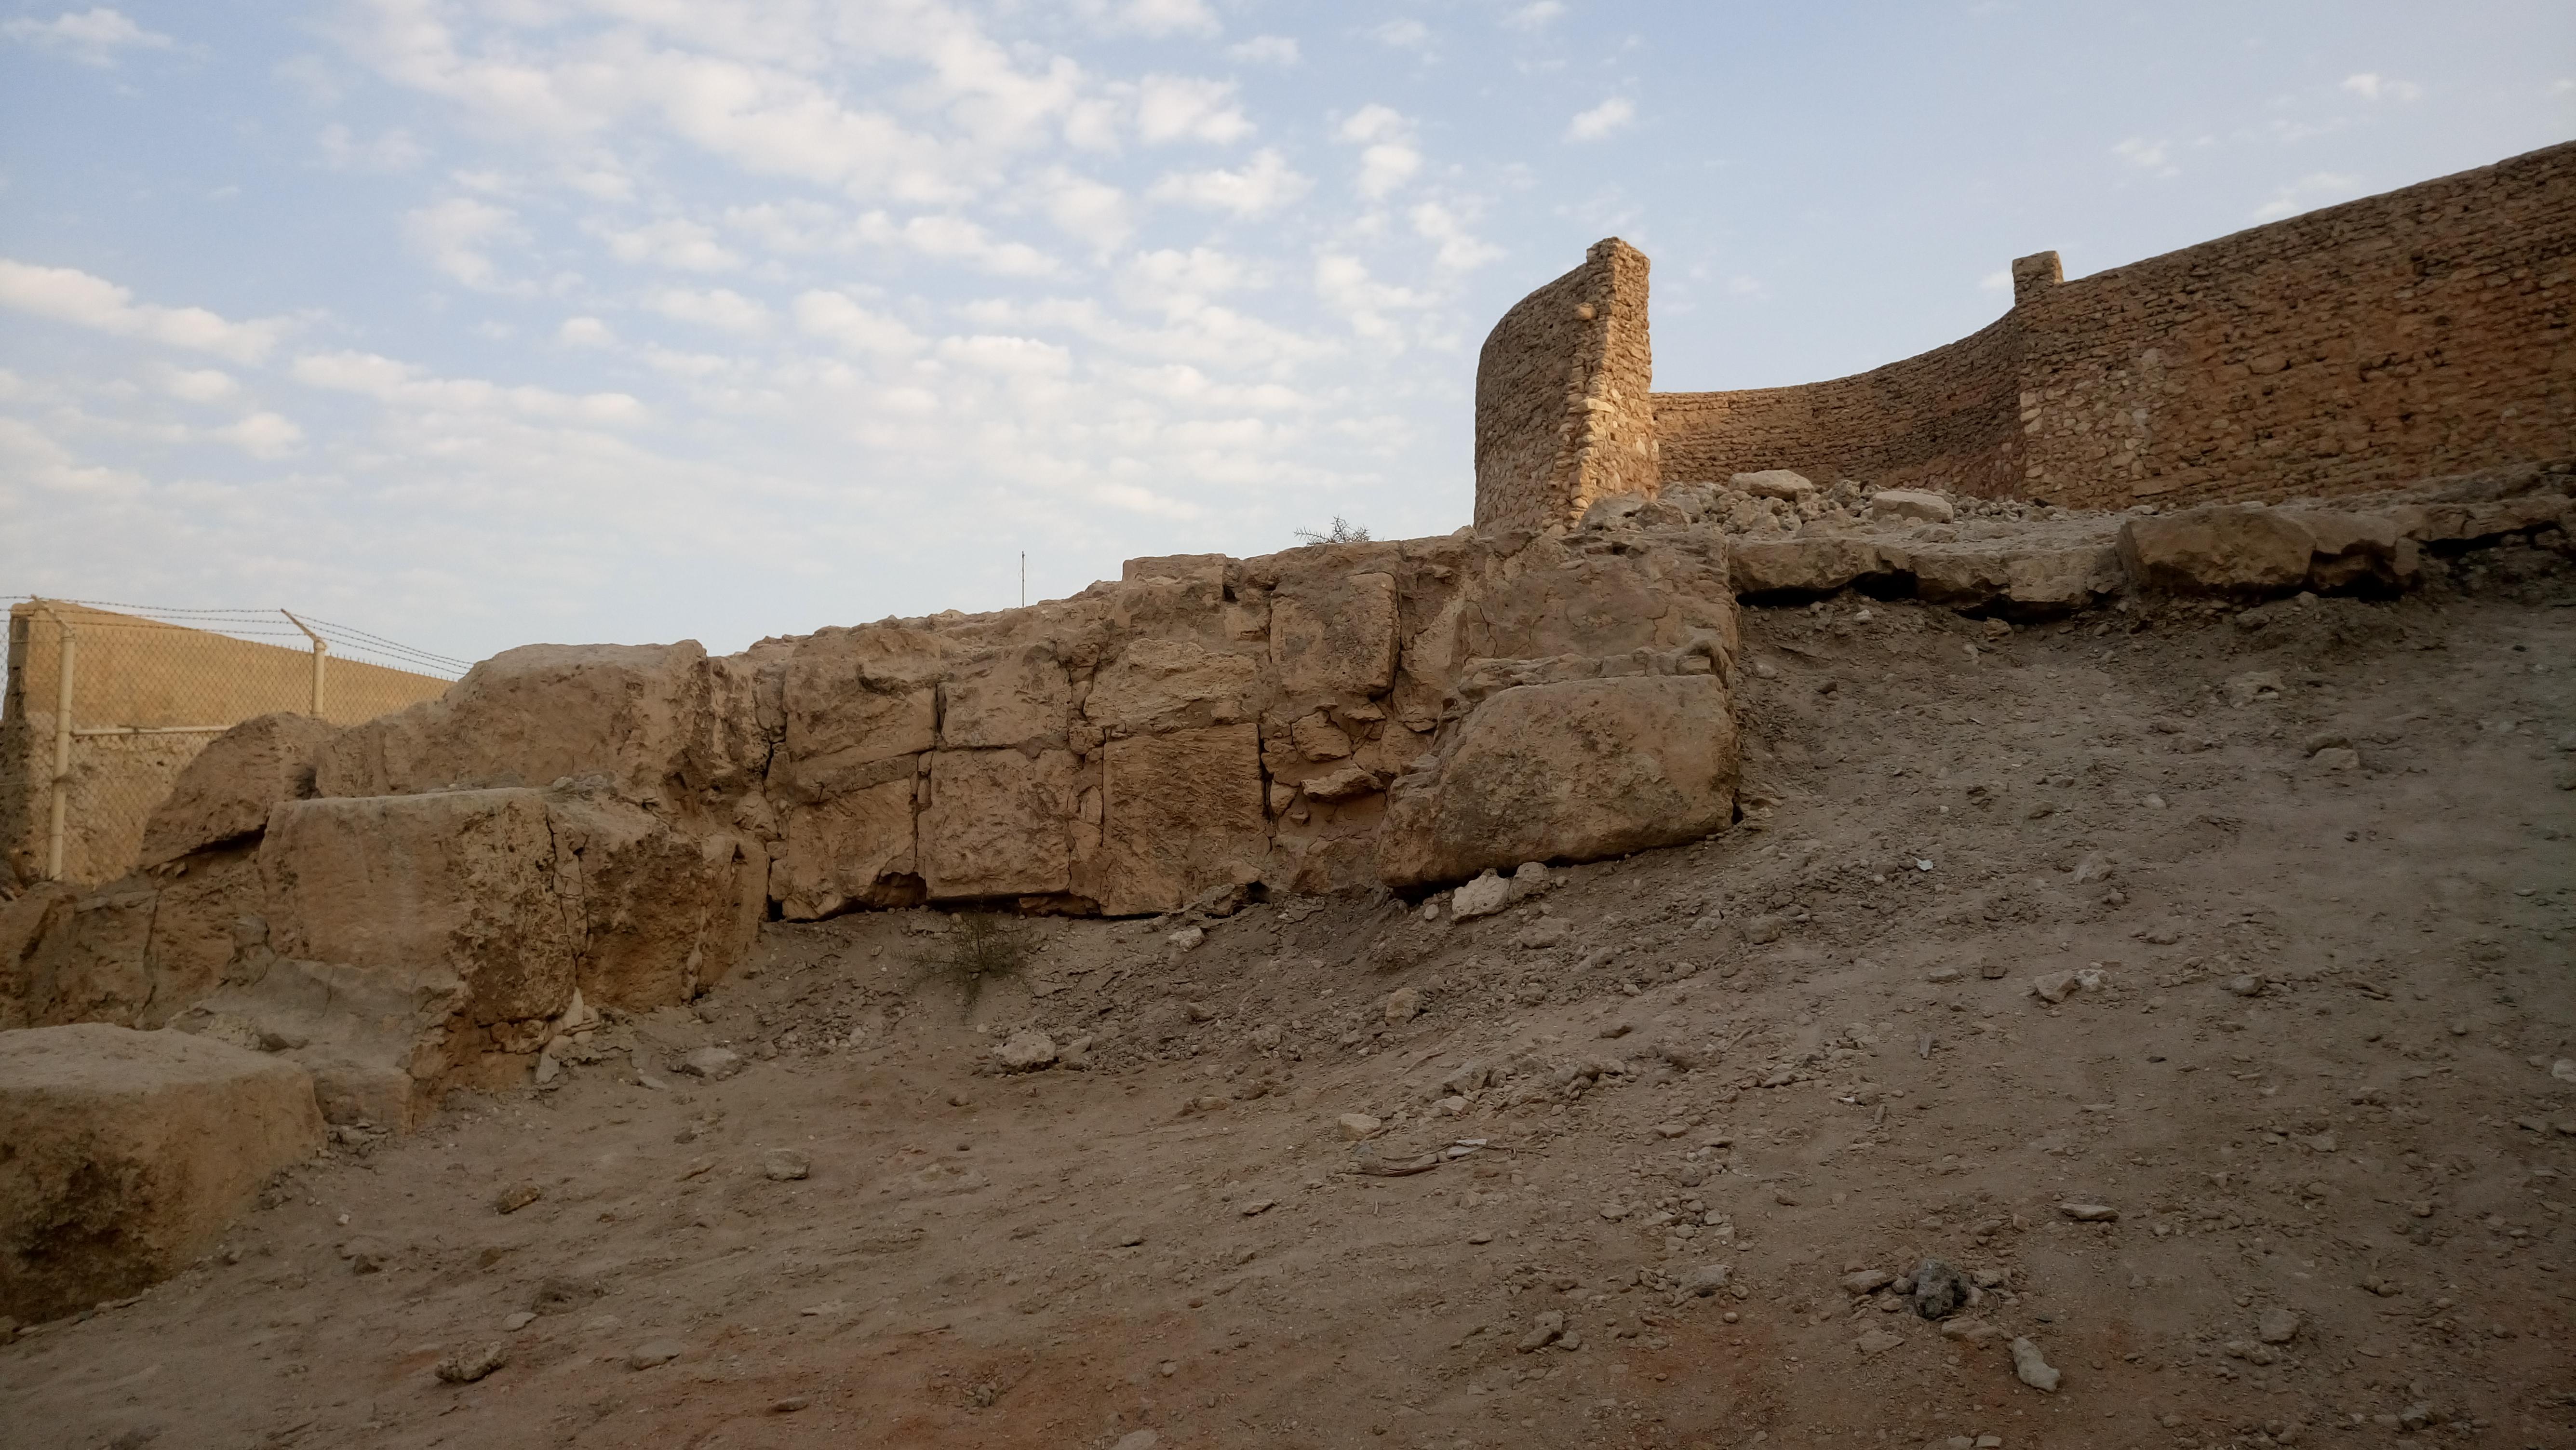 صخور المعبد الأساسي التي بنيت عليه القلعة.